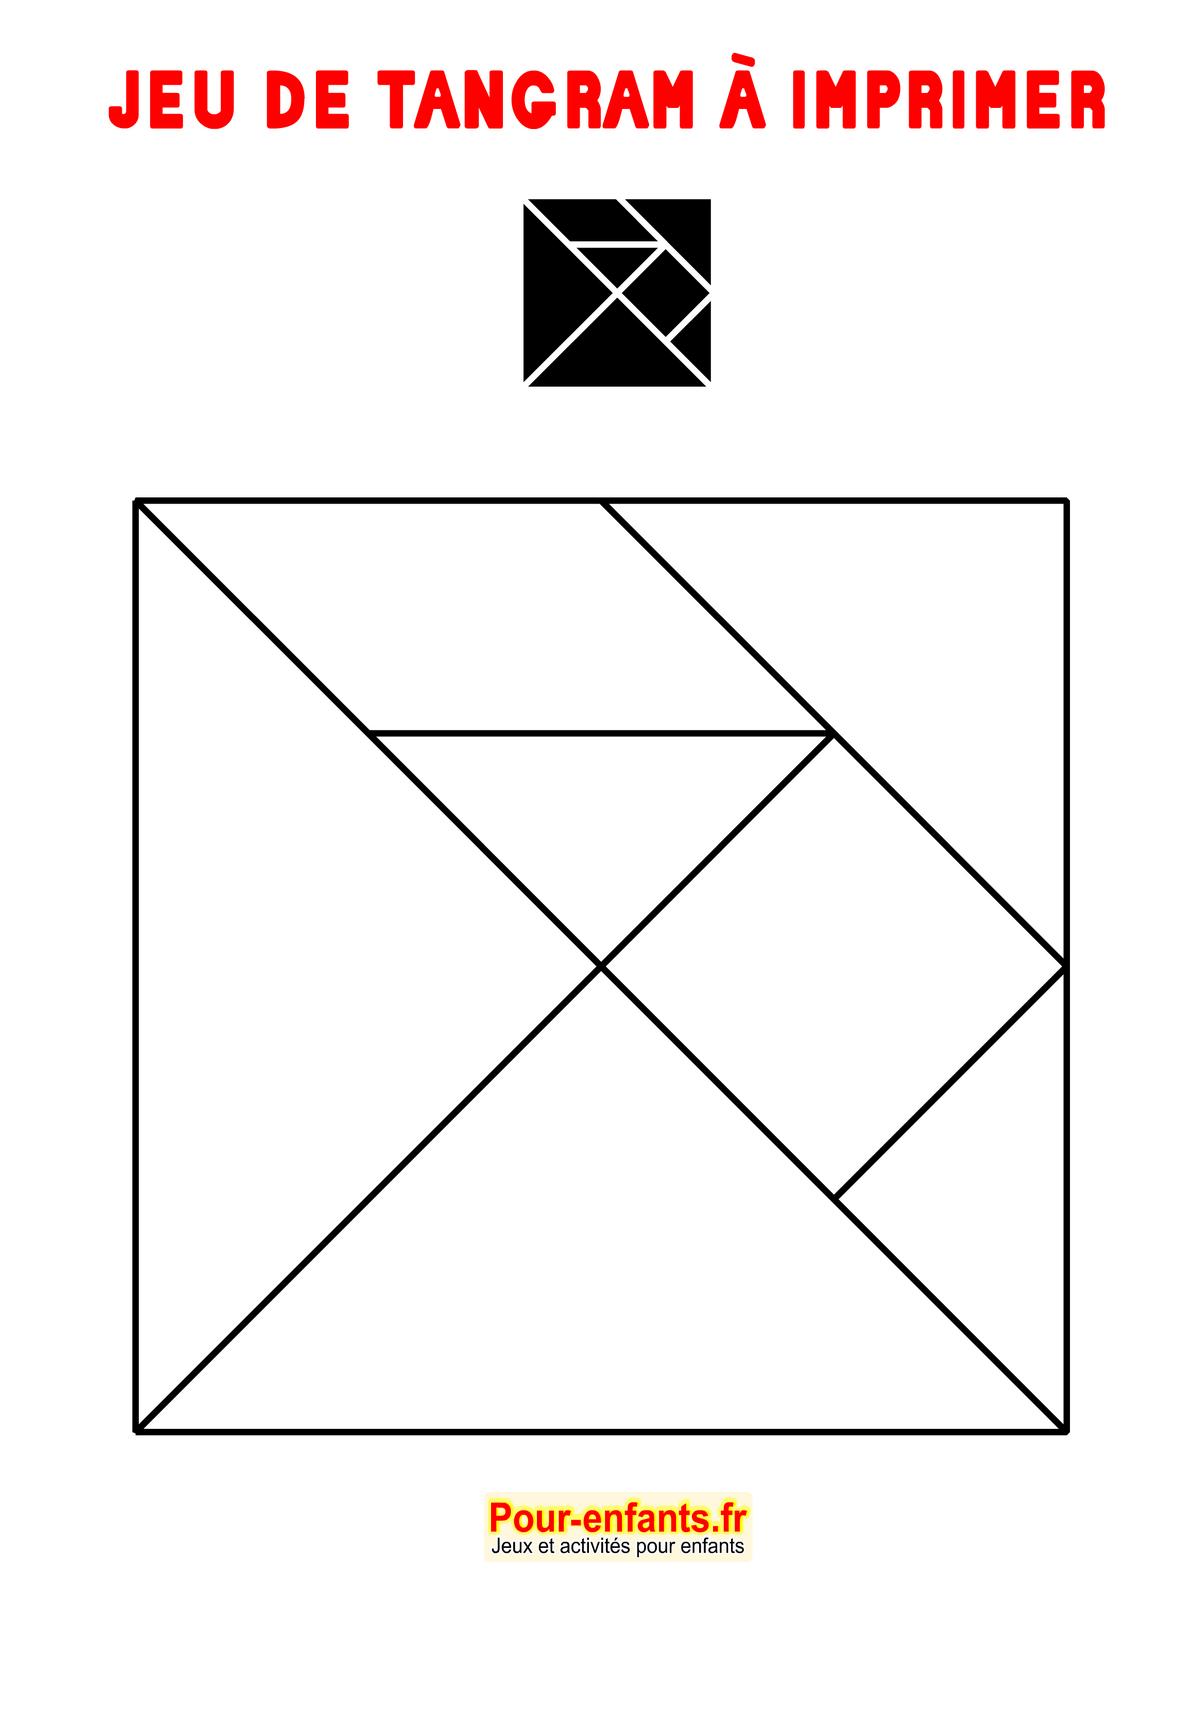 Tangram À Imprimer Maternelle Gratuit Jeux Tangrams serapportantà Jeux Educatif Maternelle Moyenne Section